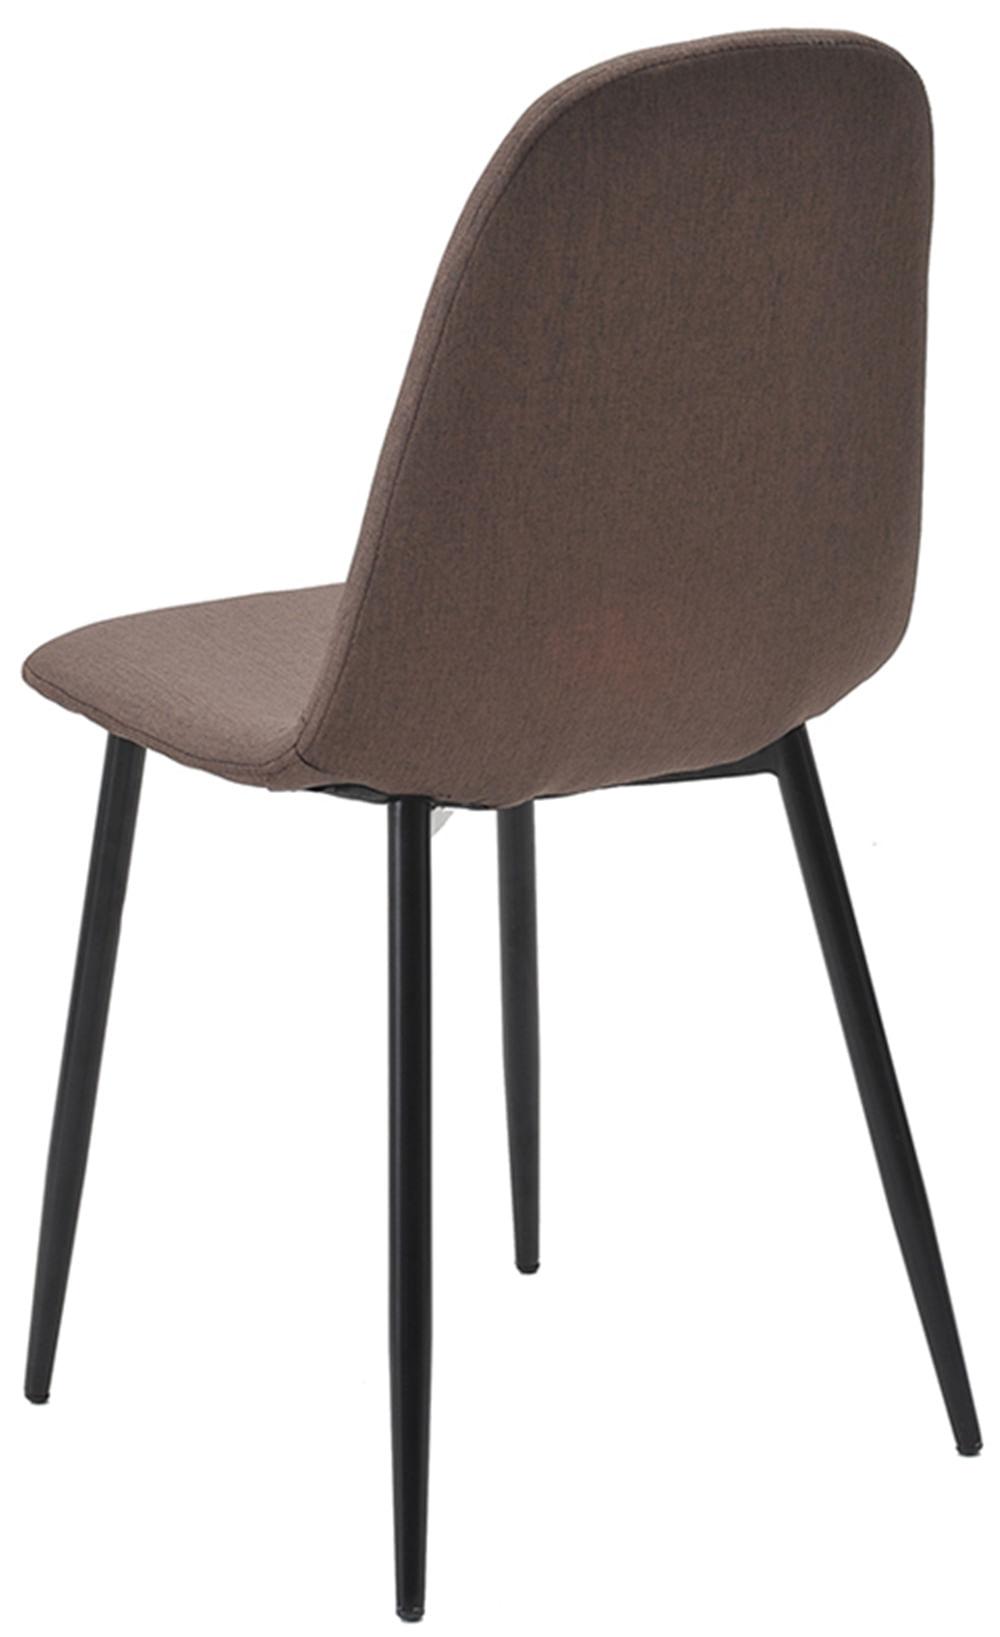 Cadeira Jacob Cor Marrom Pes Palito Metal Preto - 38242